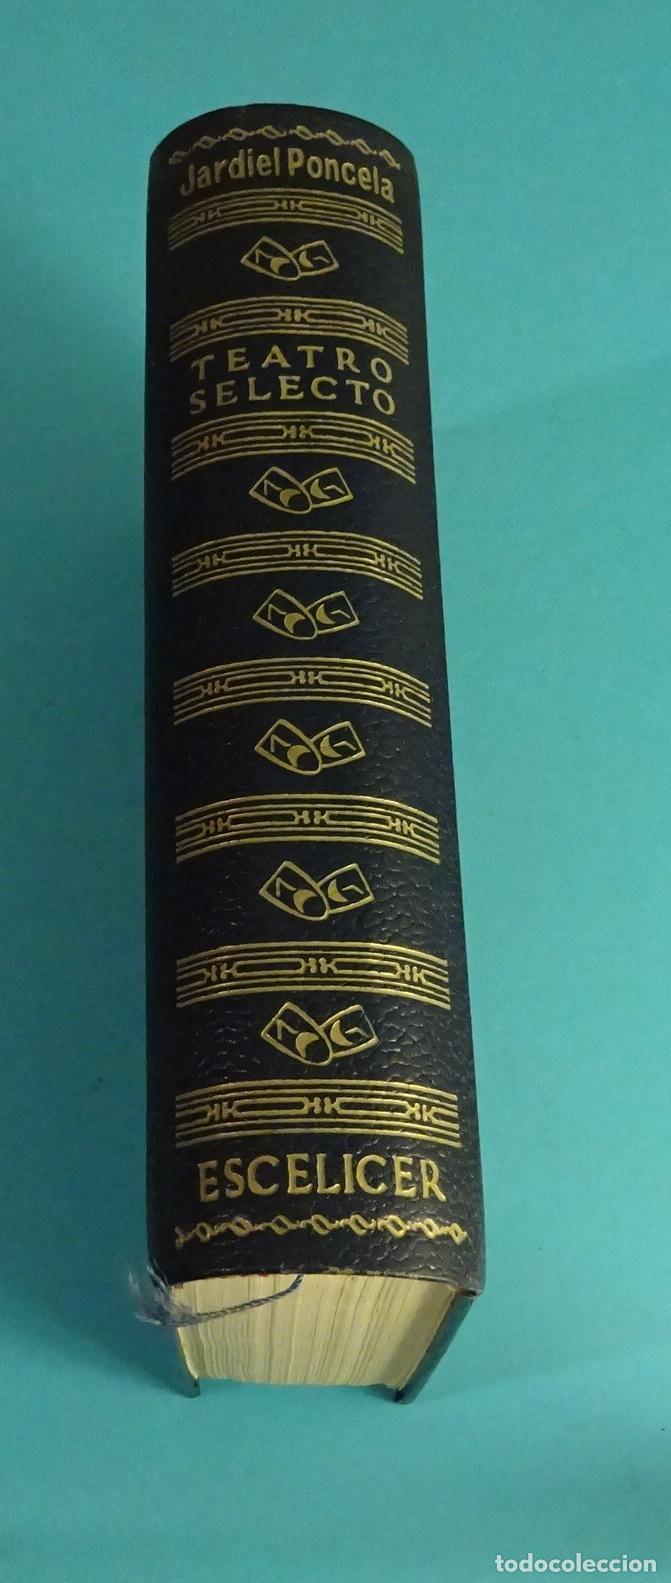 TEATRO SELECTO DE ENRIQUE JARDIEL PONCELA. EDITORIAL ESCELICER. 1968 (Libros de Segunda Mano (posteriores a 1936) - Literatura - Teatro)